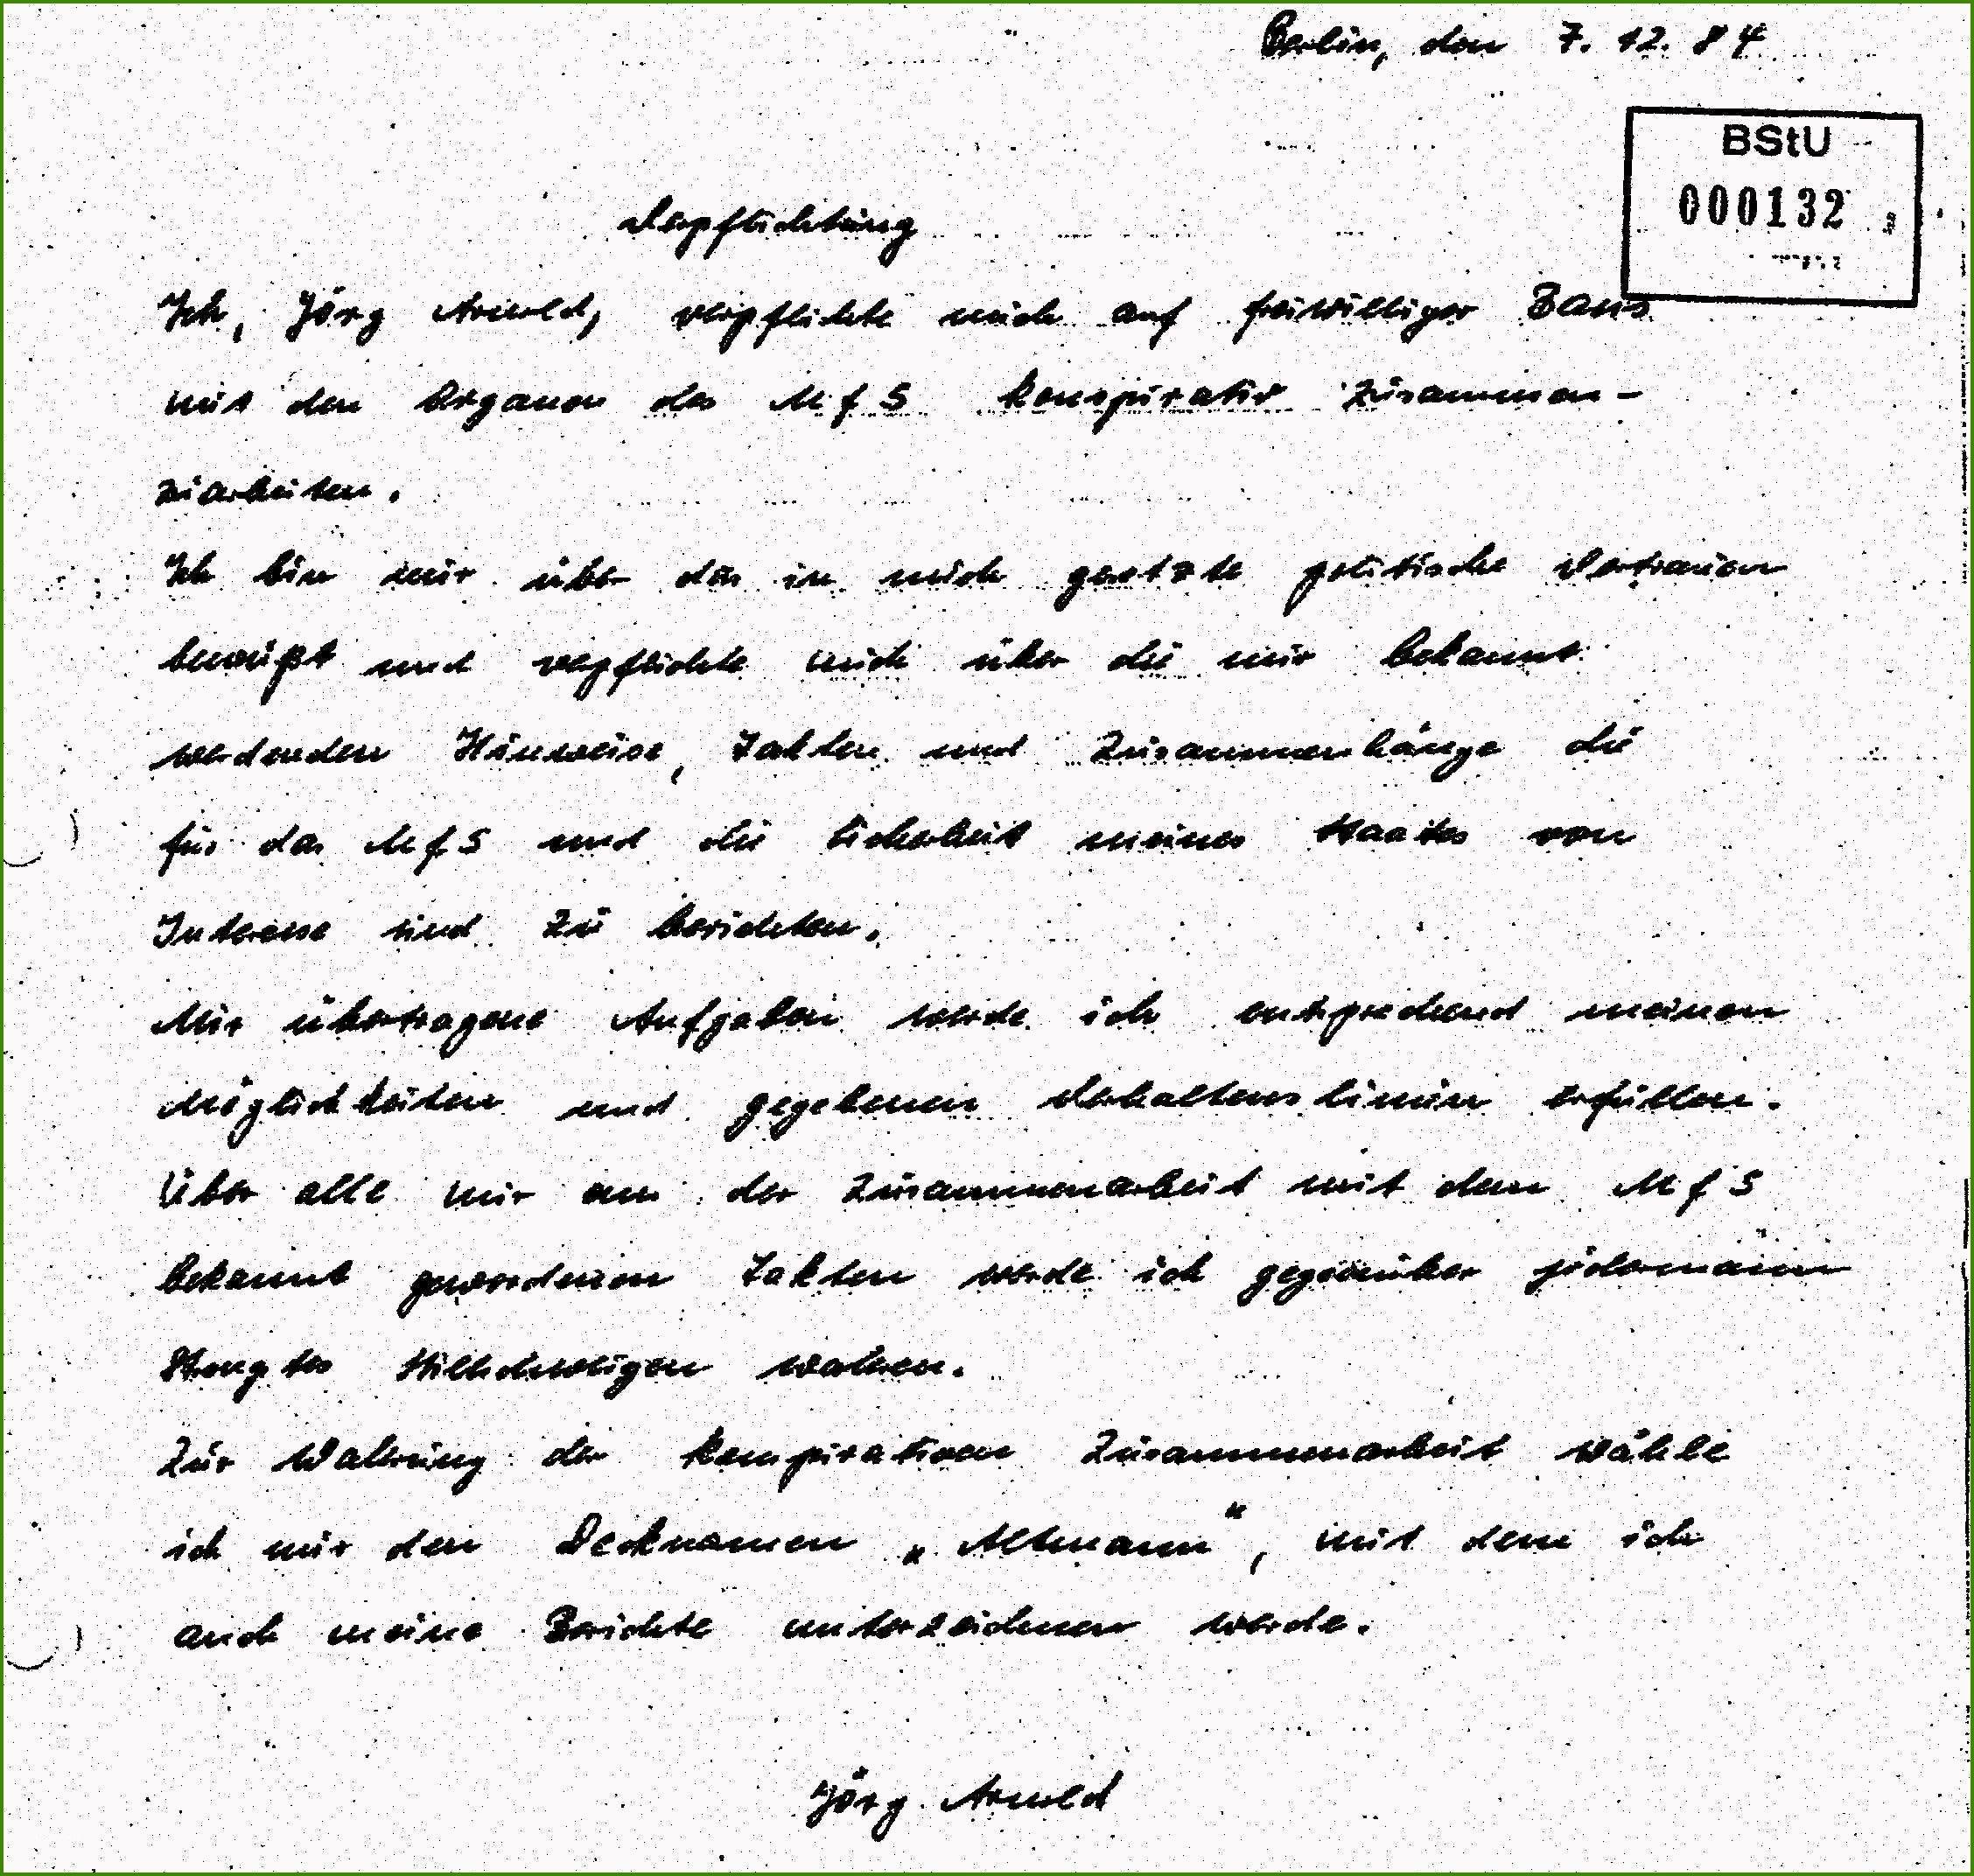 Frisch Handschriftlicher Lebenslauf Muster Kostenlos Briefprobe Briefformat Briefvorlage Vorlagen Lebenslauf Lebenslauf Lebenslauf Muster